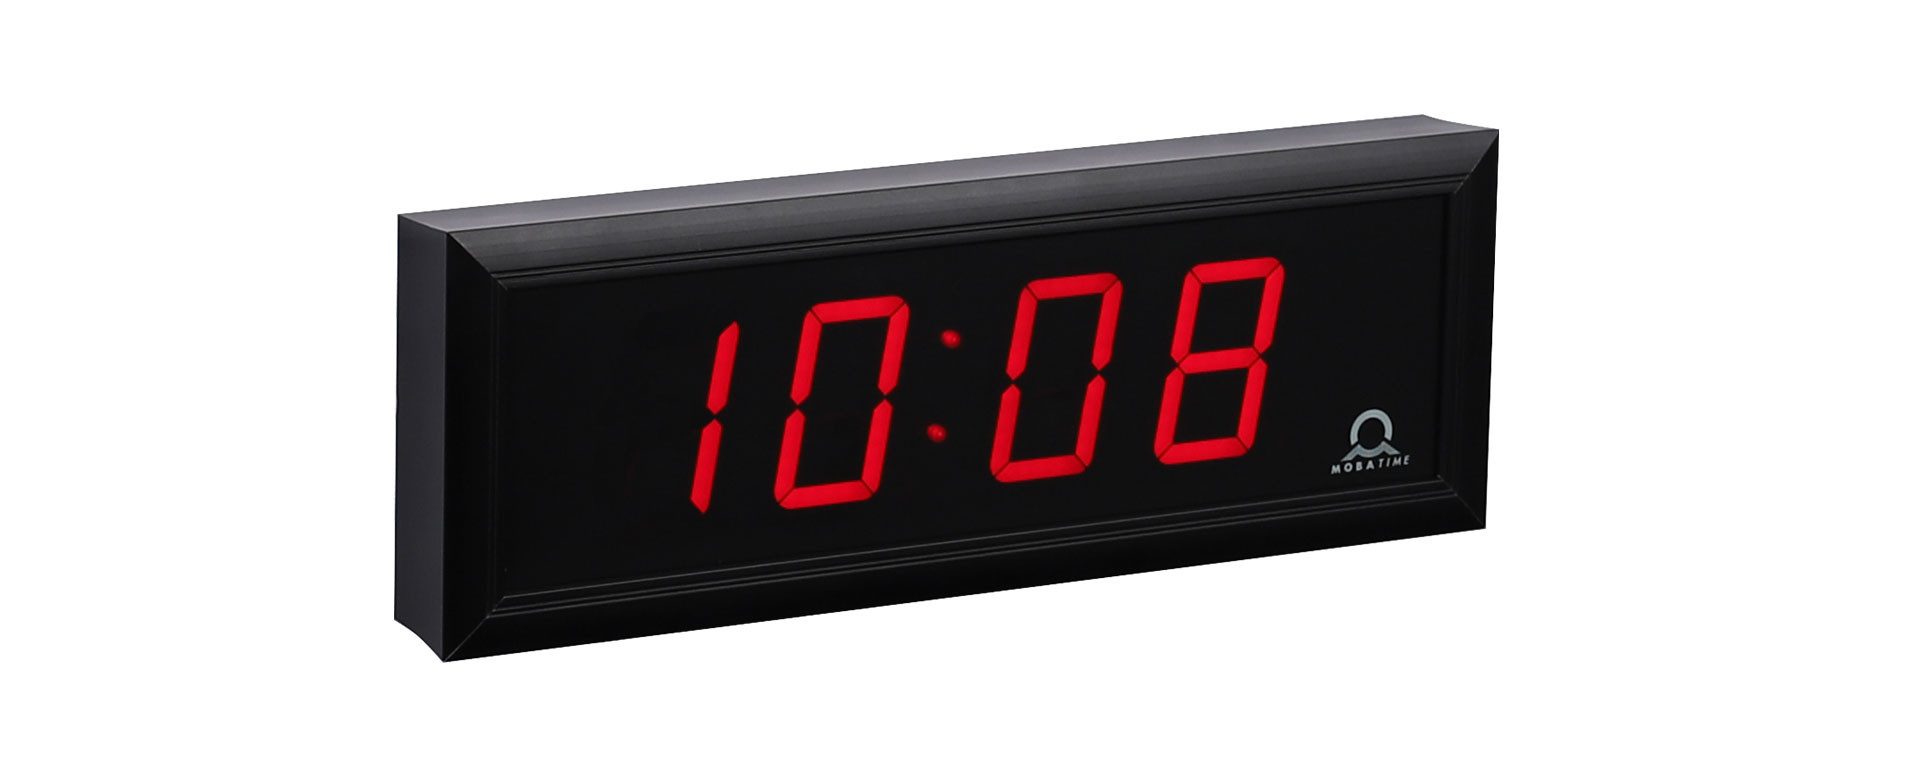 <h2>Vielseitige Digitaluhren für Innen und Außen</h2> <p></p> <p></p> <p></p> <p></p>